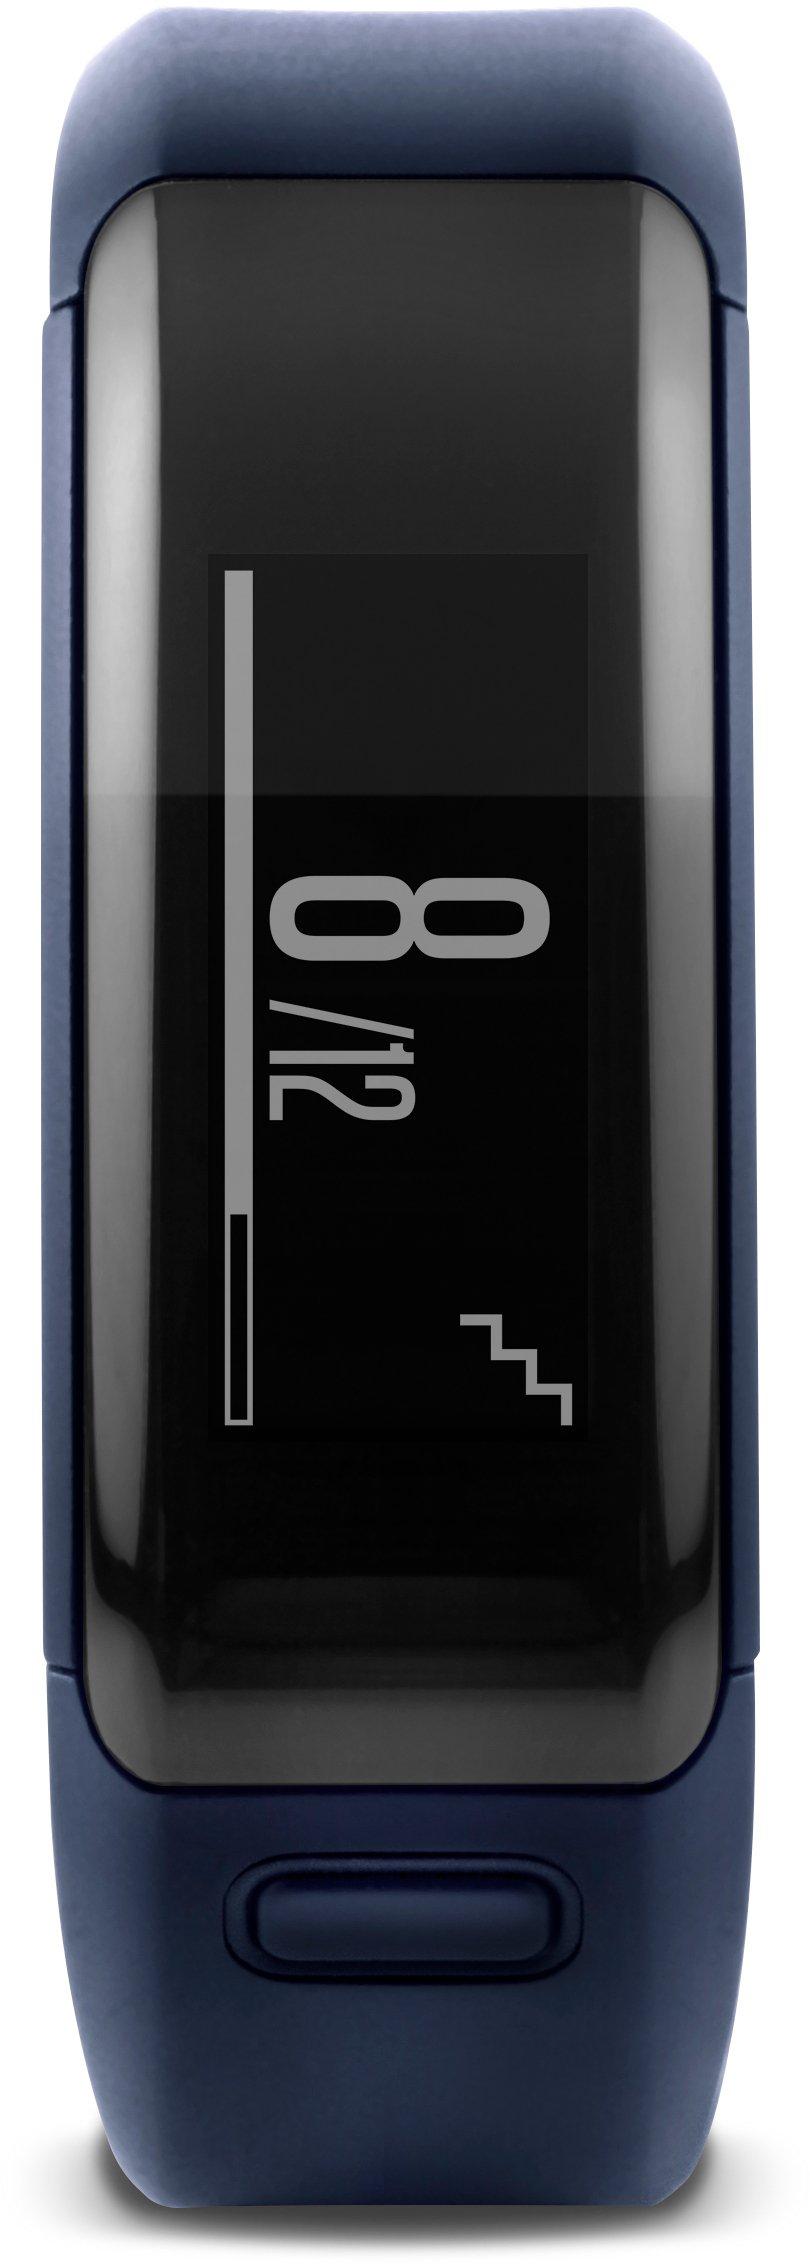 Garmin vívosmart HR Activity Tracker Regular Fit - Midnight Blue (Deep Blue) by Garmin (Image #2)